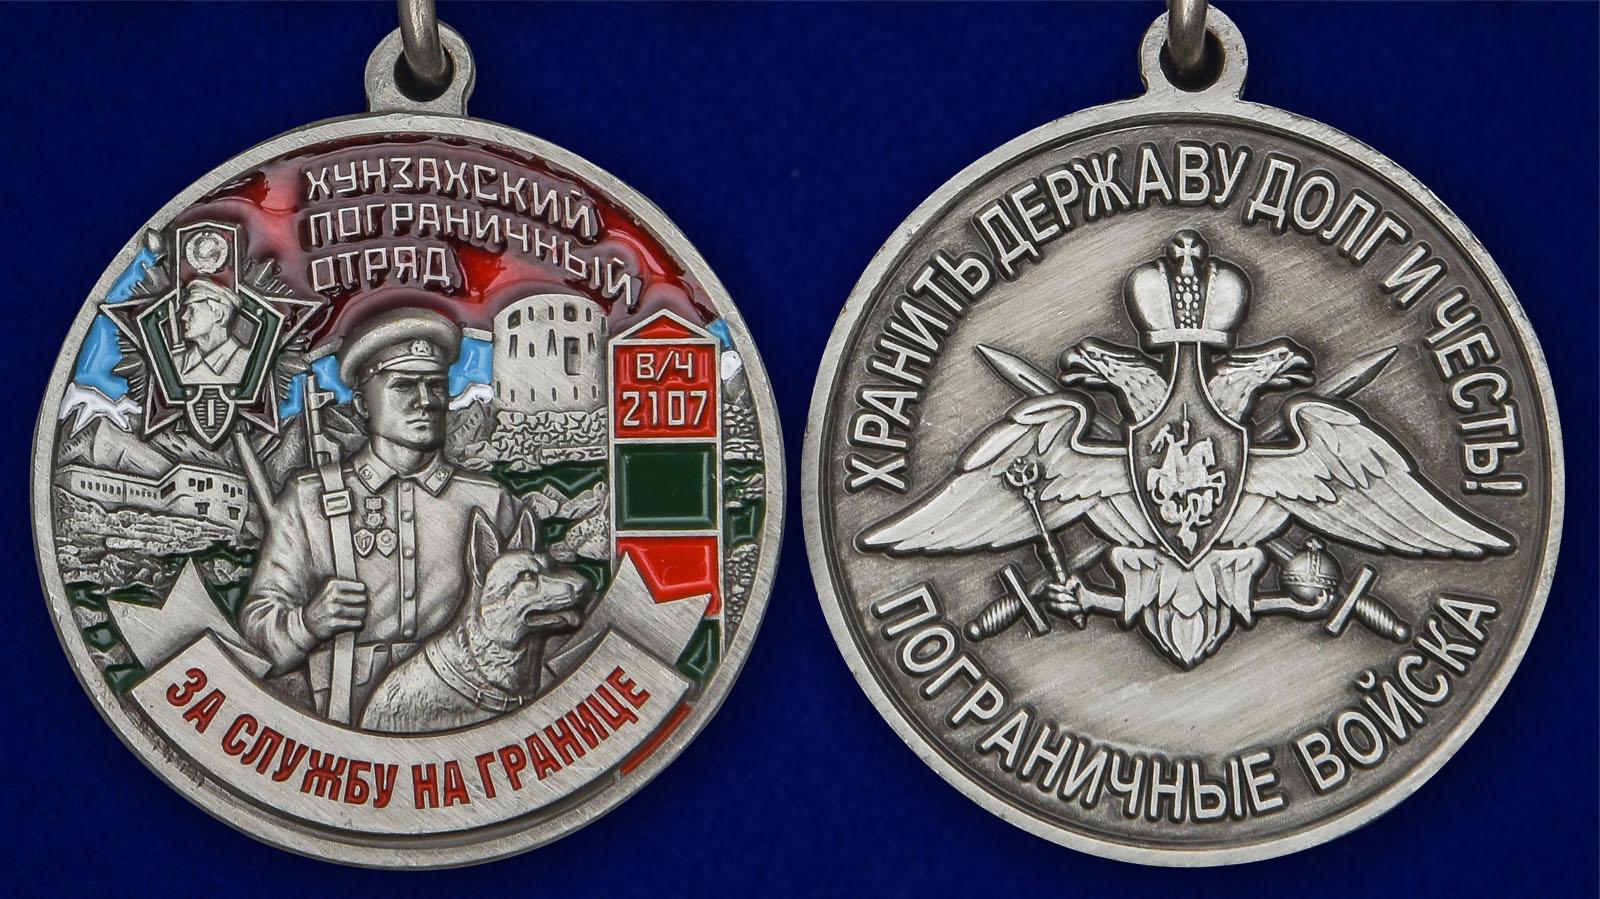 Наградная медаль За службу в Хунзахском пограничном отряде - аверс и реверс